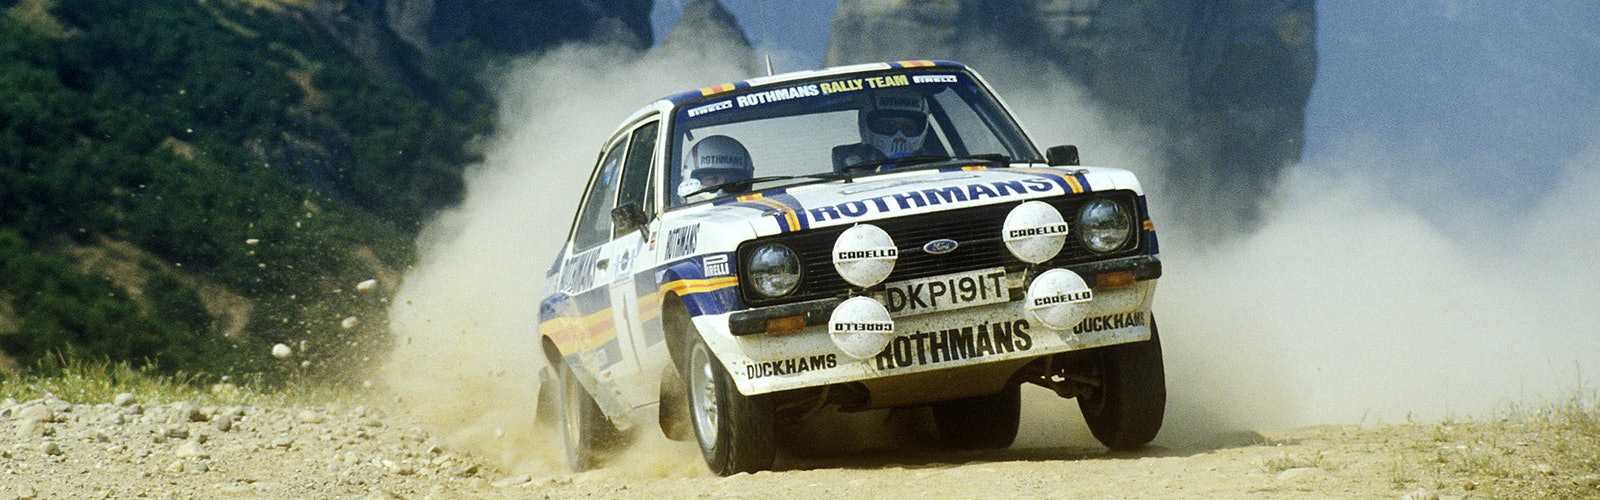 04_810601GR Vatanen 3 gdwT